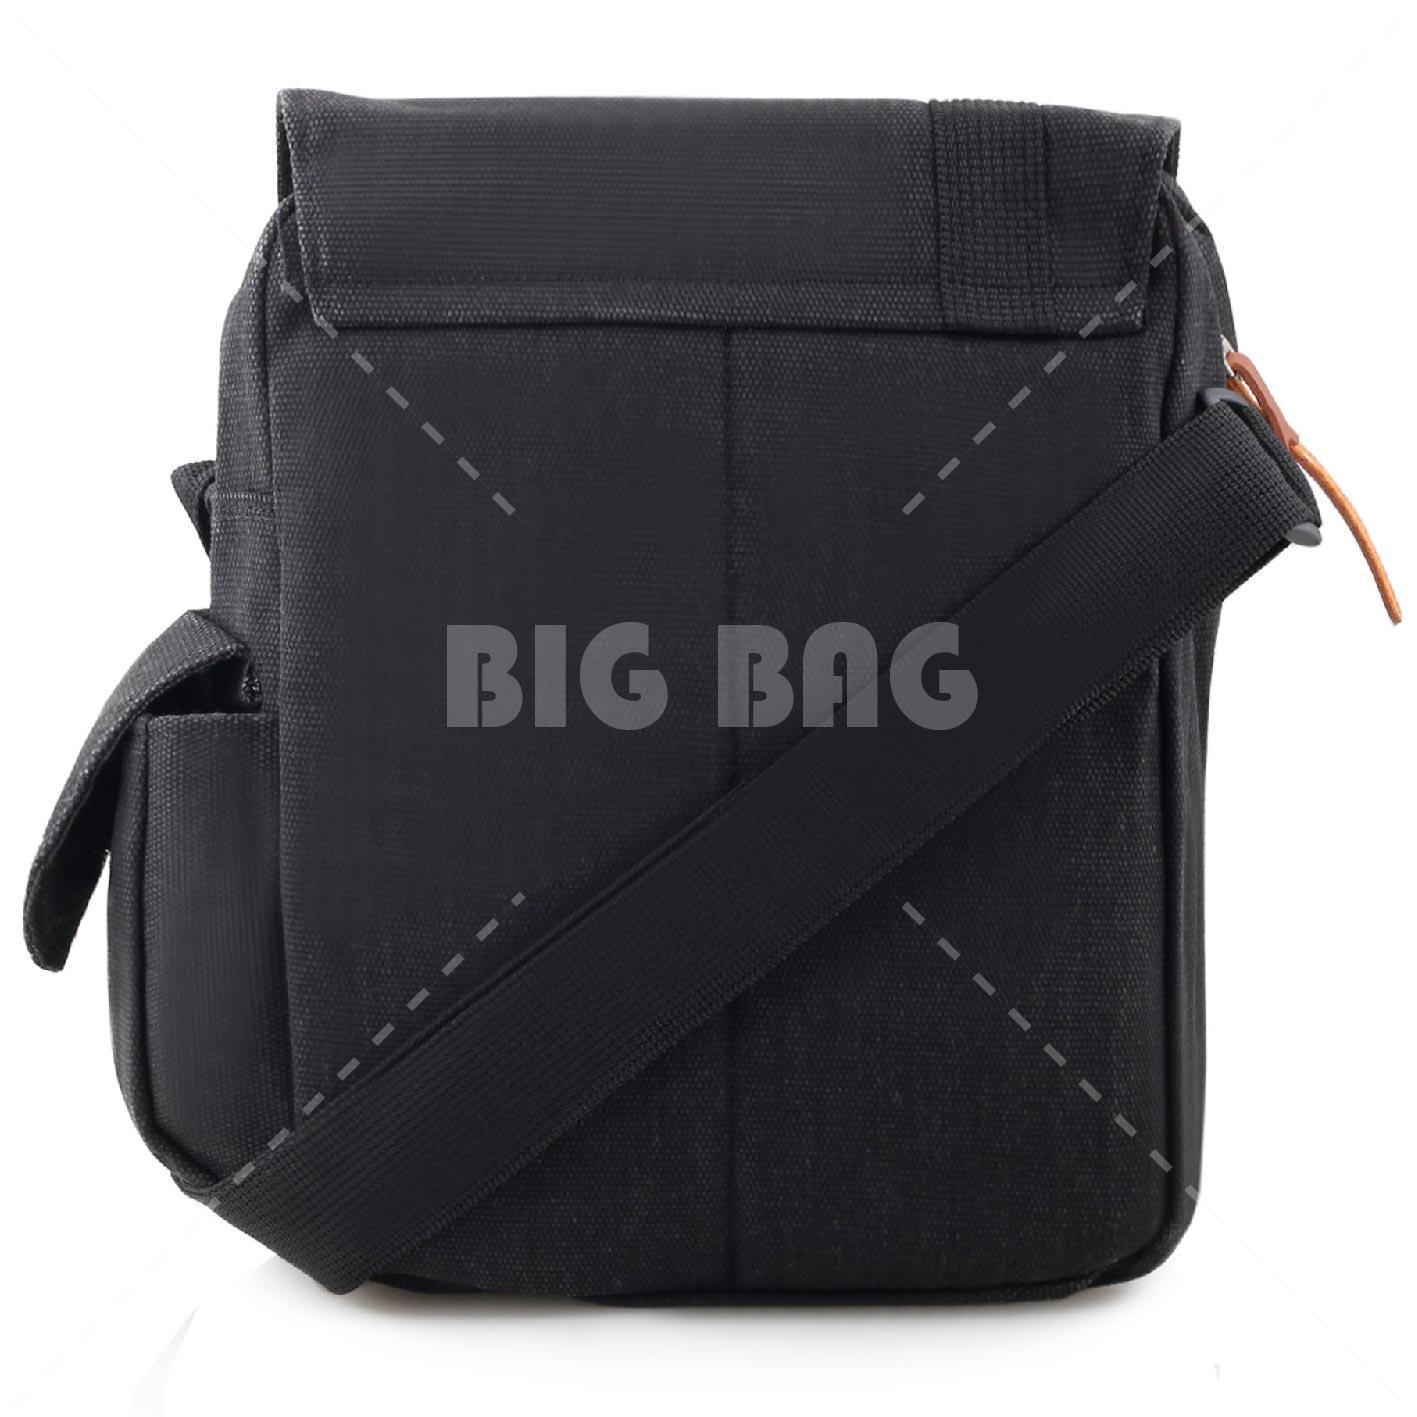 Gear Bag Aligator Backpack Black Raincover Free Tas Selempang Mini Wanita Cantik 33363 Import The Hunter Pria Bahu